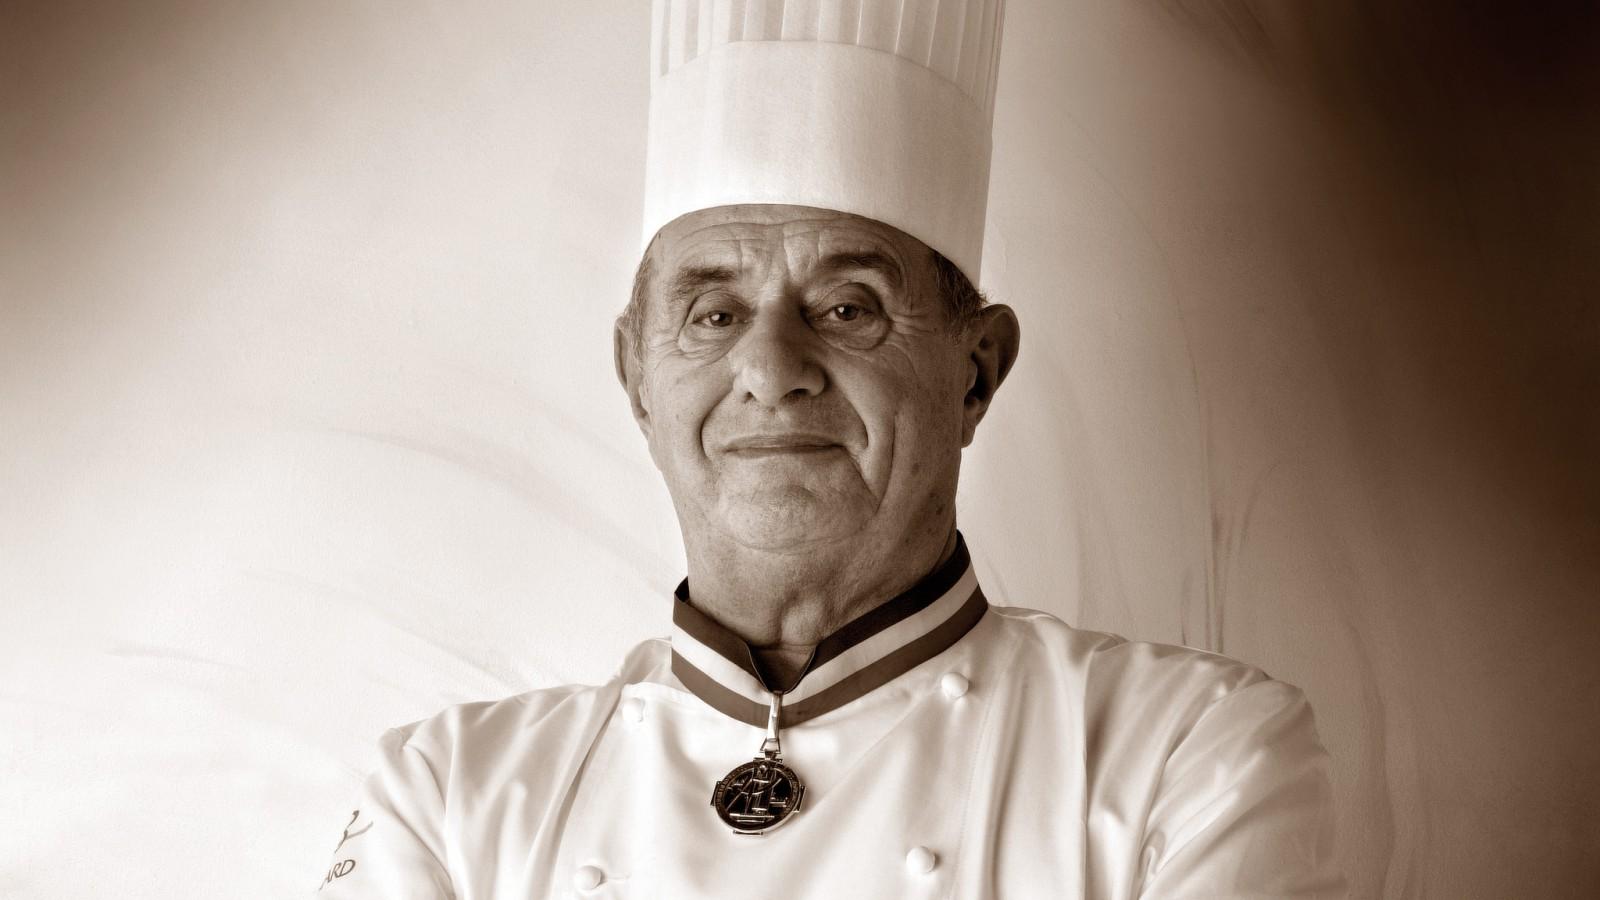 Paul Bocuse, părintele gastronomiei moderne franceze și unul dintre cei mai cunoscuți bucătari ai lumii a decedat la vârsta de 91 de ani